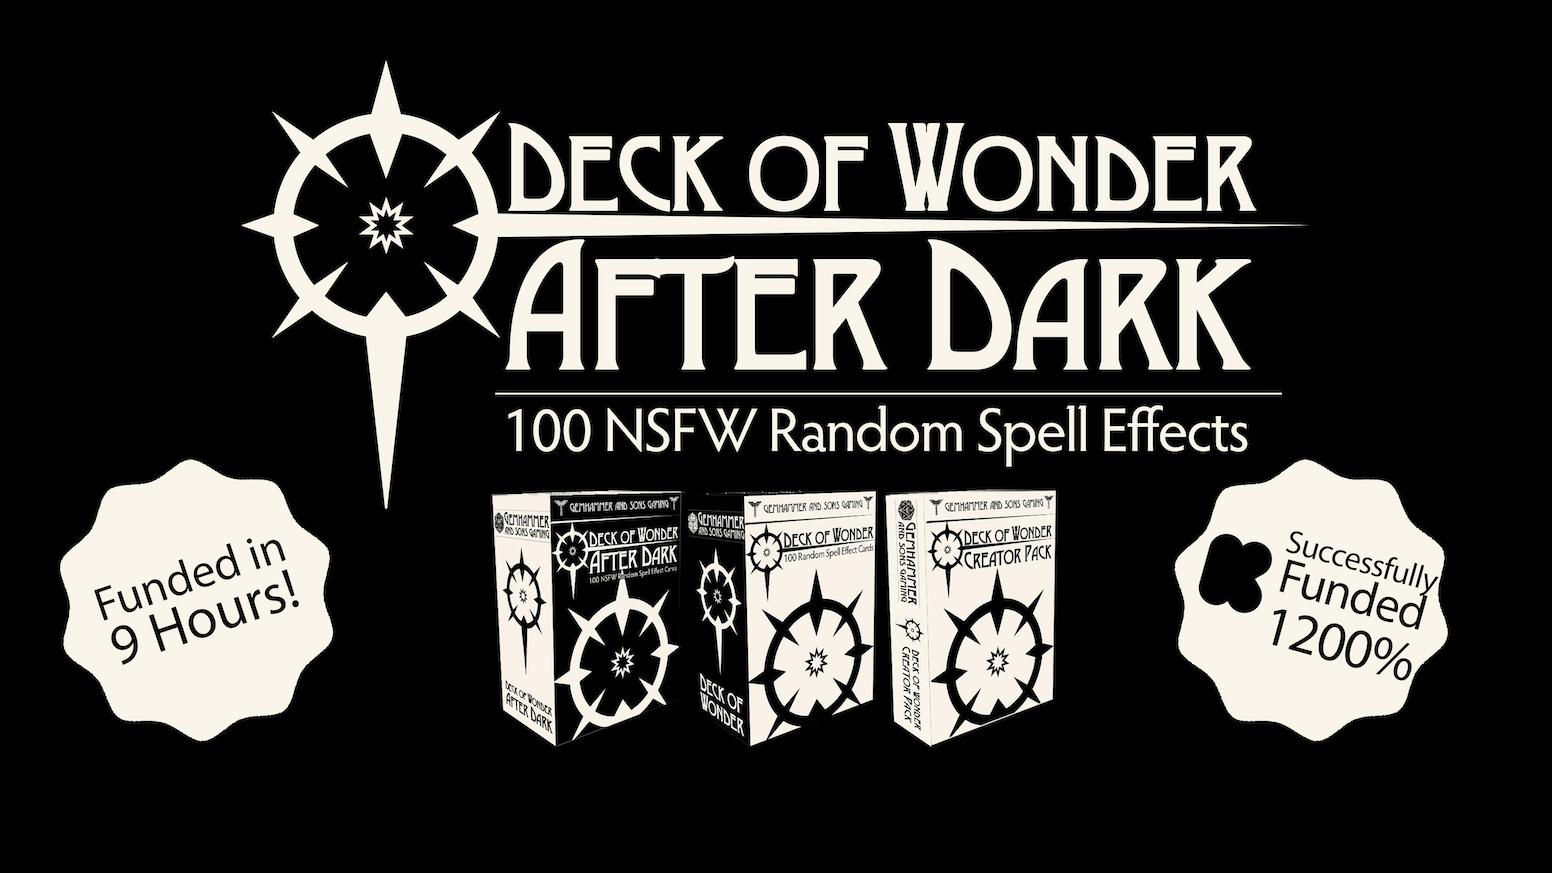 Deck of Wonder: After Dark - 100 NSFW Random Spell Effects